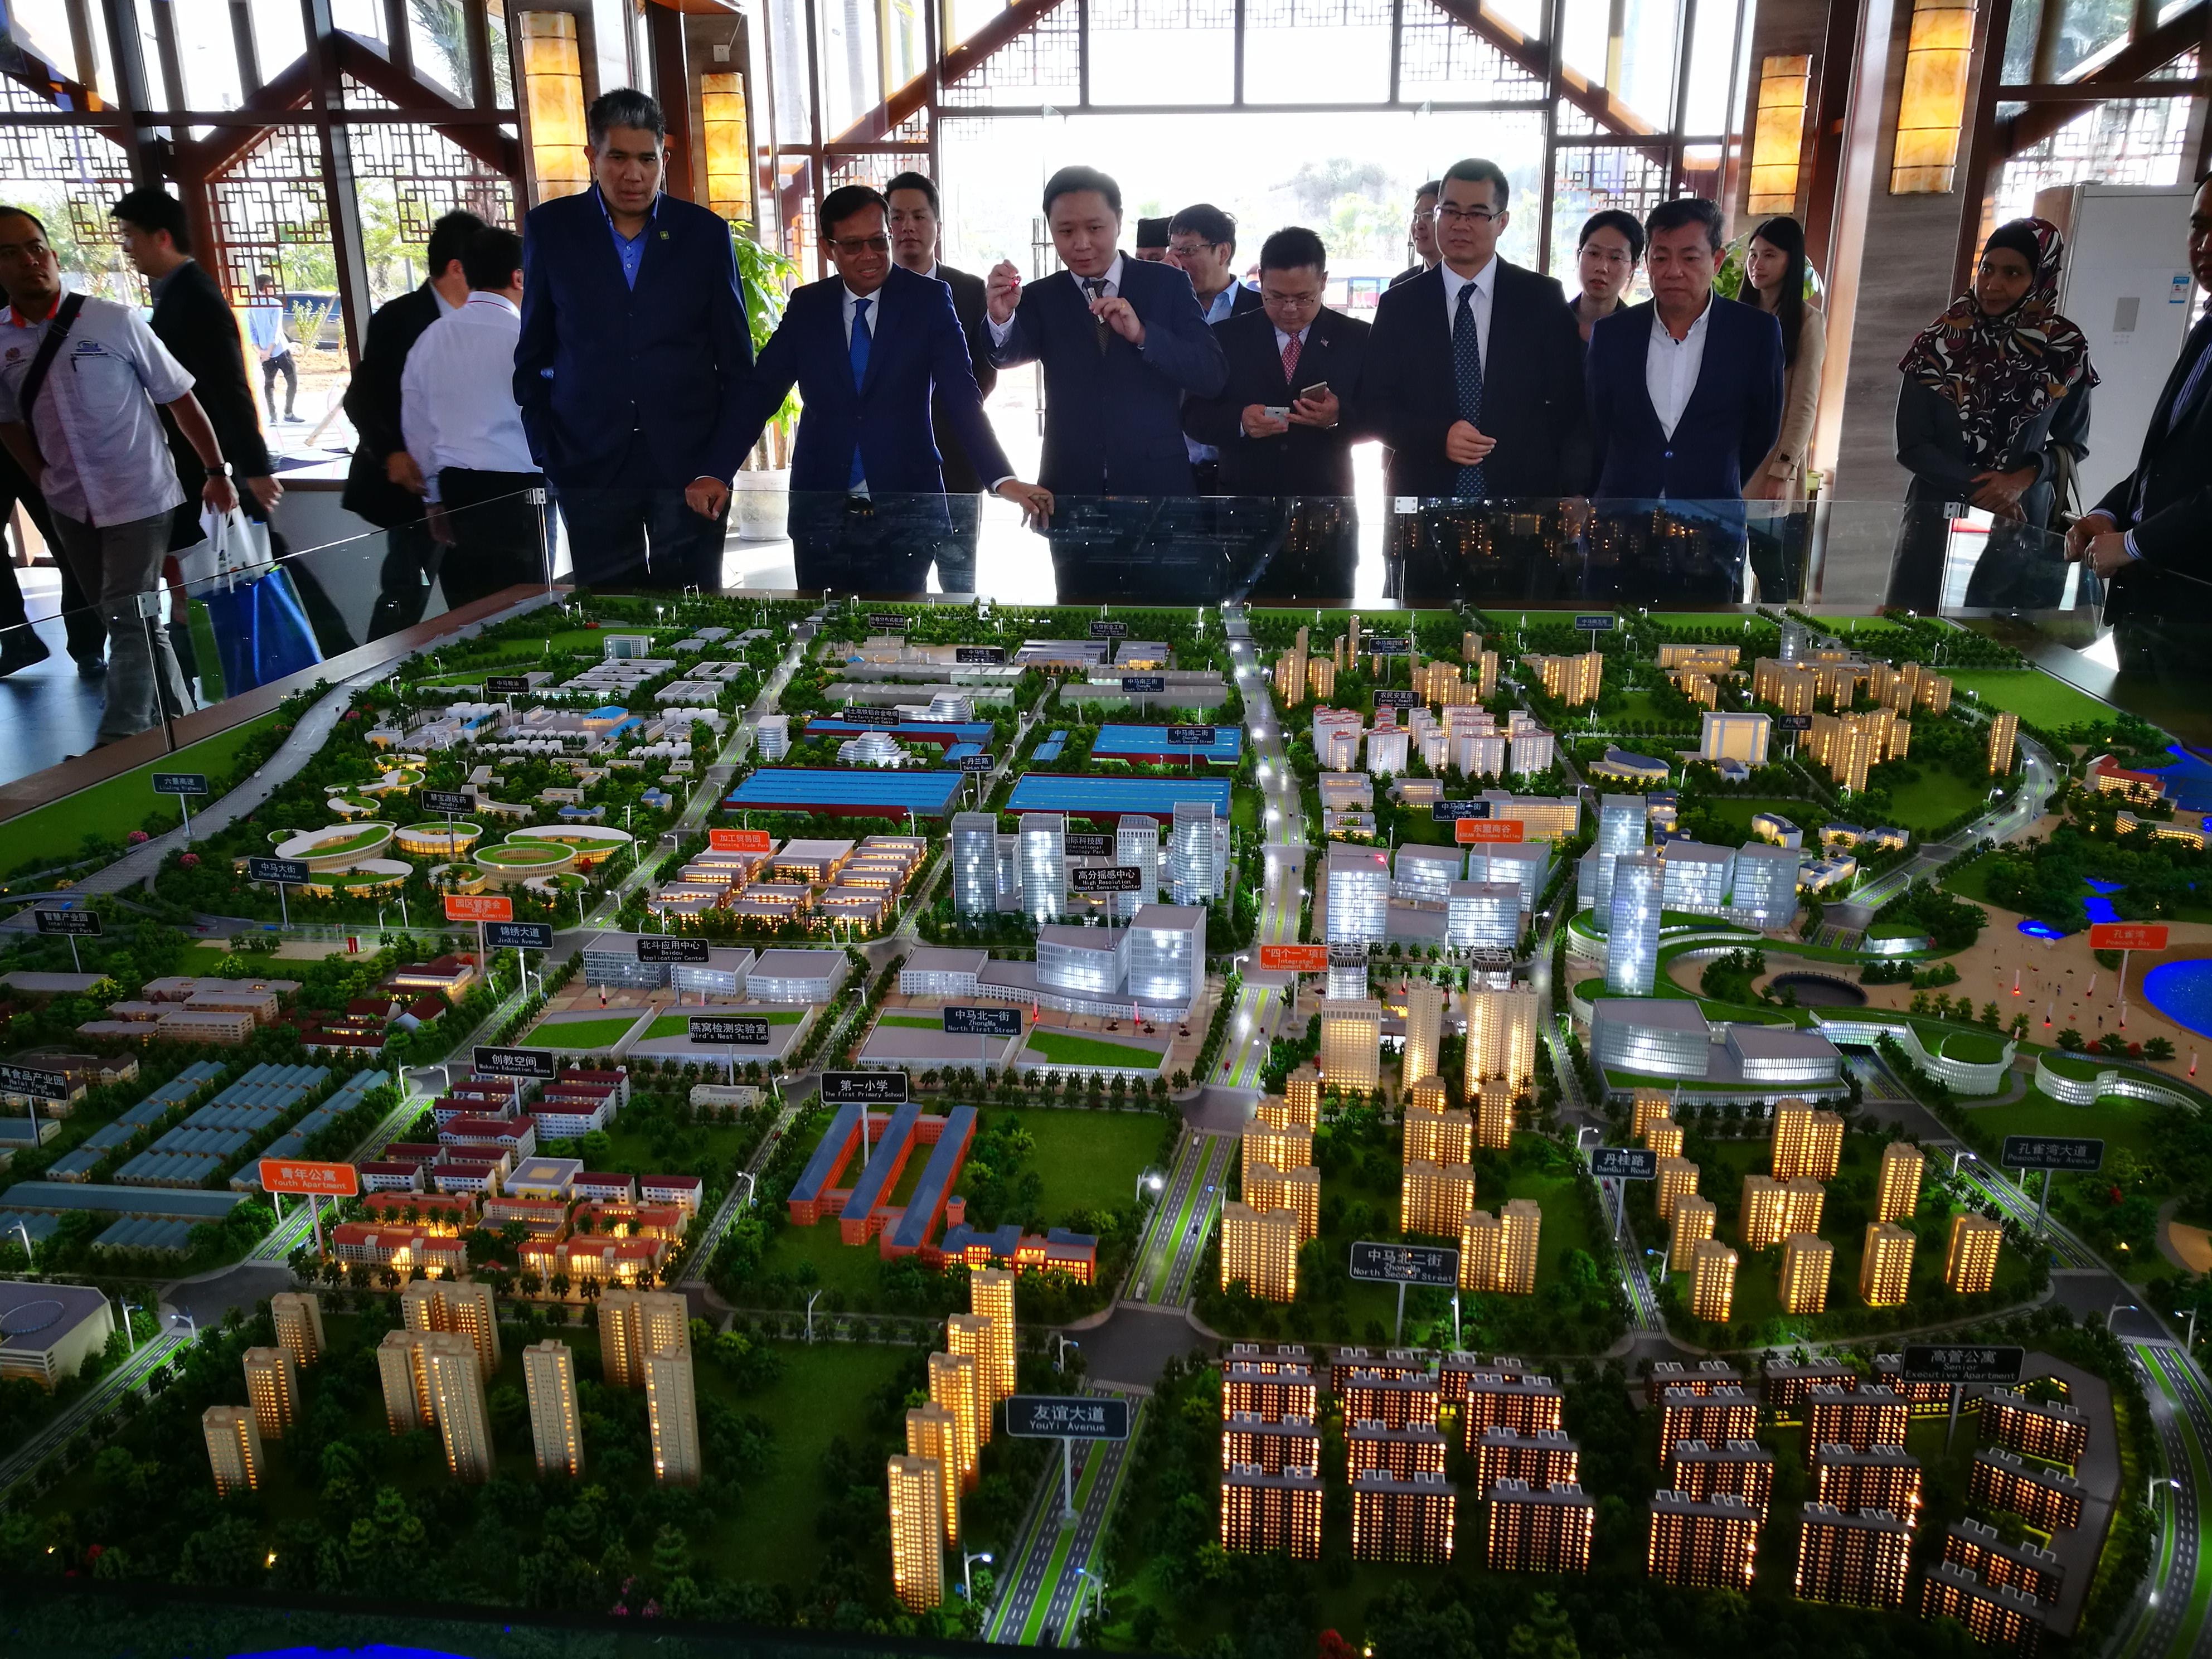 Rombongan MOA yang diketuai Ahmad Shabery diberi penerangan cadangan pembangunan Taman Perindustrian China Malaysia Qinzhou (China-Malaysia Qinzhou Industrial Park).